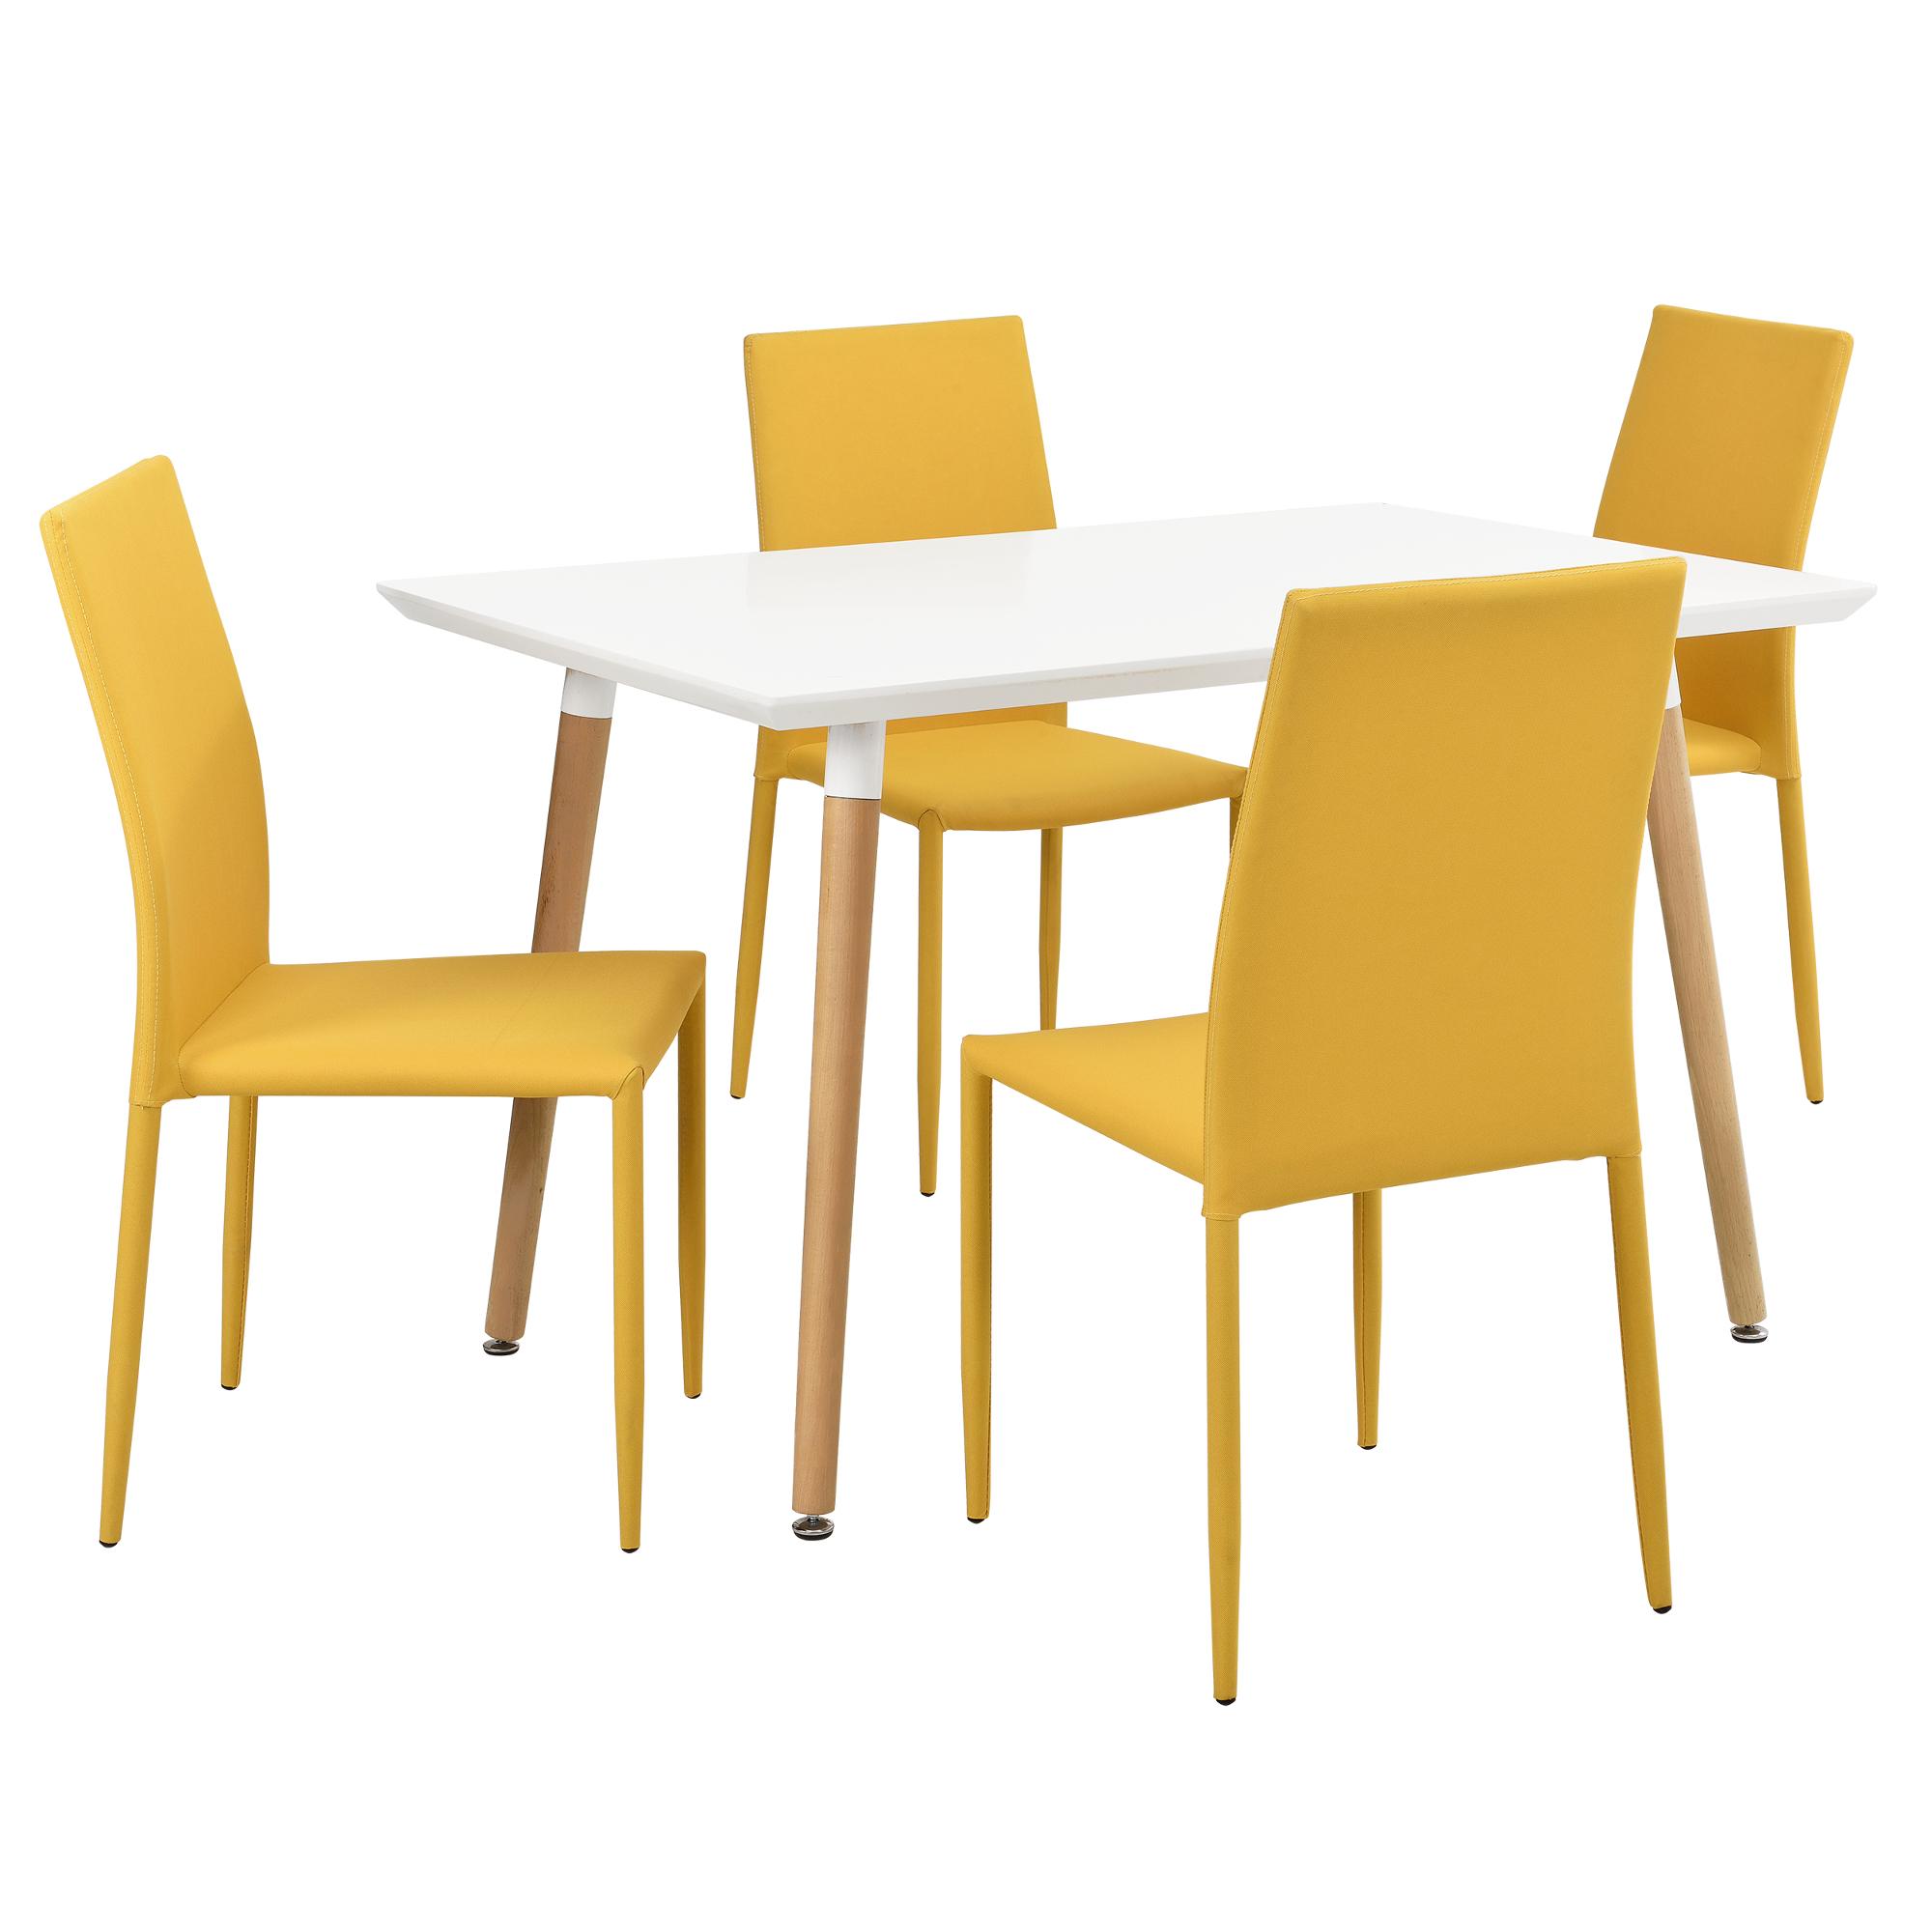 en.casa]® Esstisch mit 4 Stühlen senffarben 120x70cm Küchentisch ...